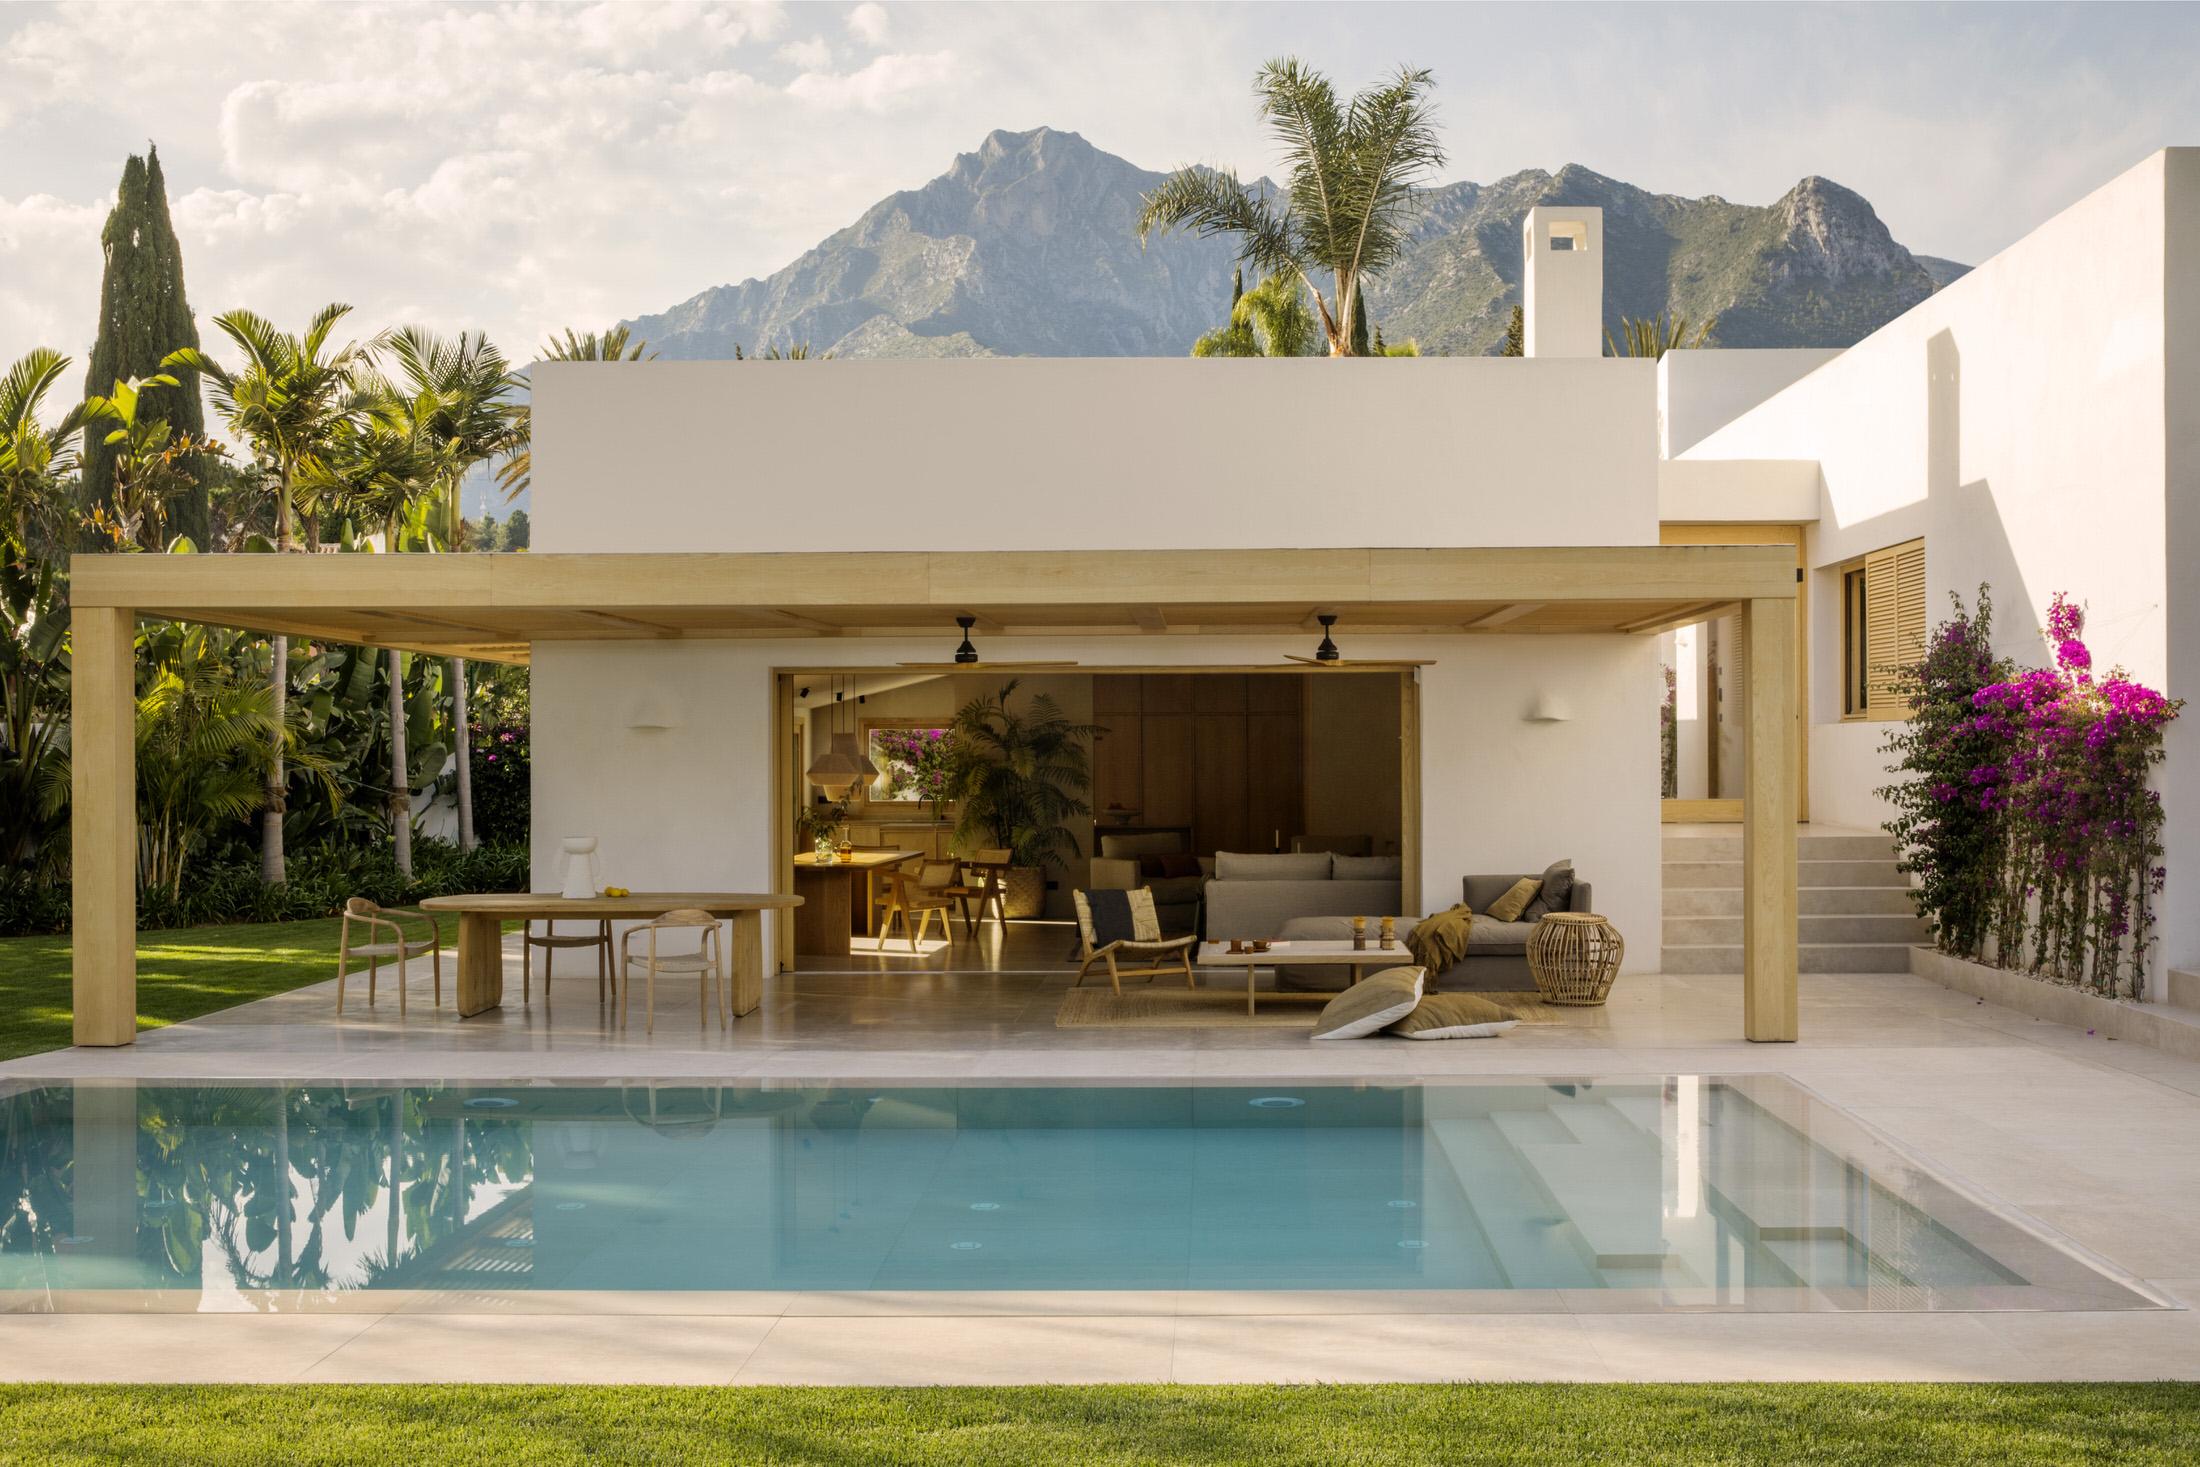 Febrero Studio Casa Marbella Spanish Architecture Photo German Saiz Yellowtrace 32